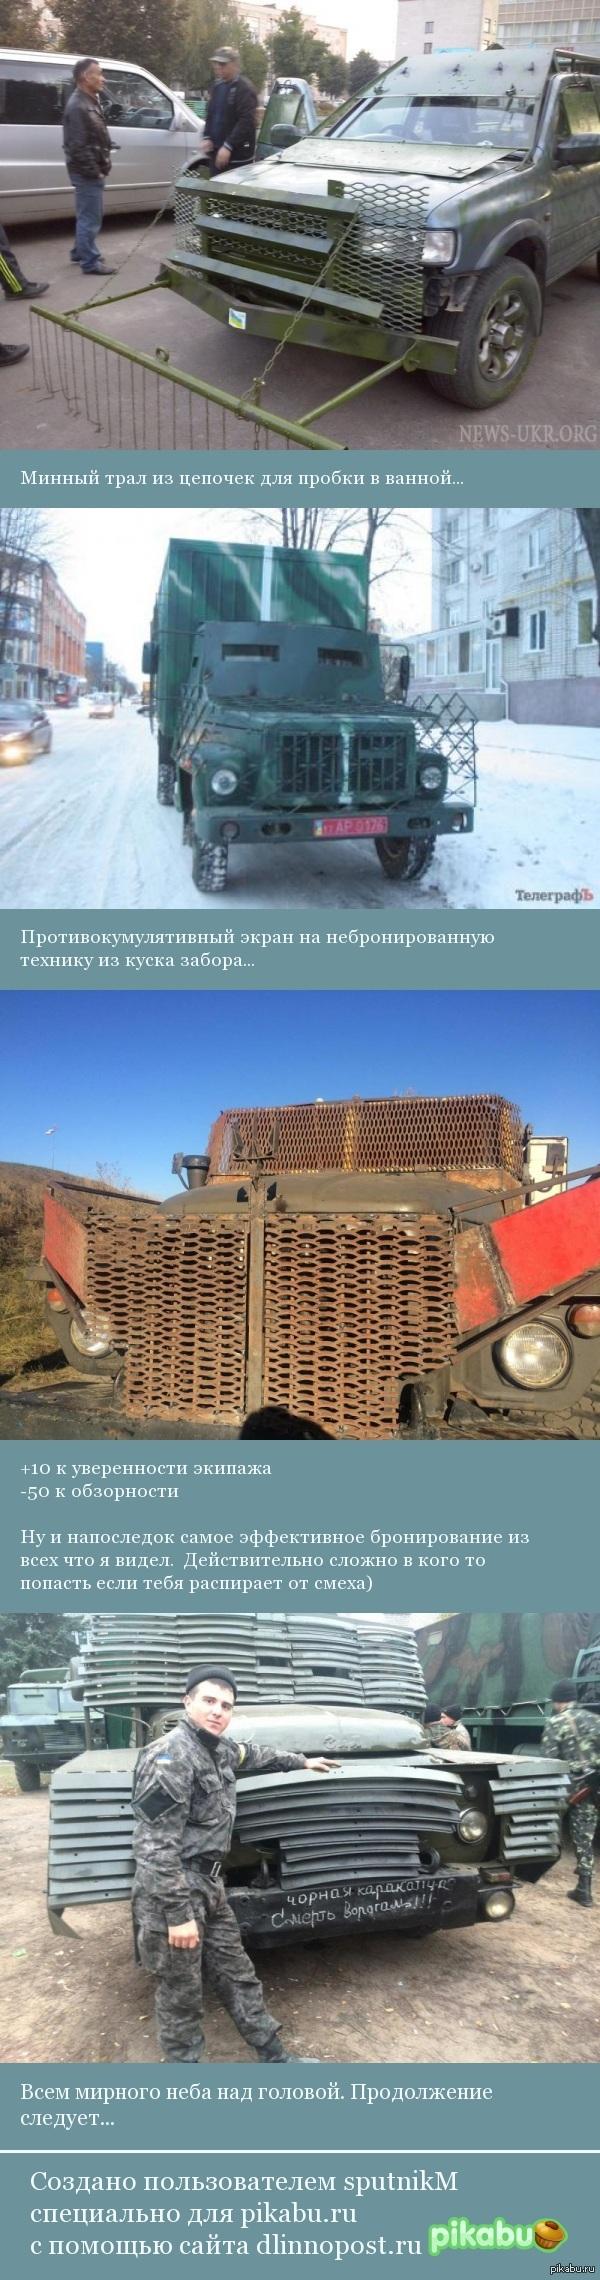 """Технические новинки от патриотов Украины. Очевидно """"кулибины"""" даже не в курсе зачем нужно то, что они пытаются построить."""